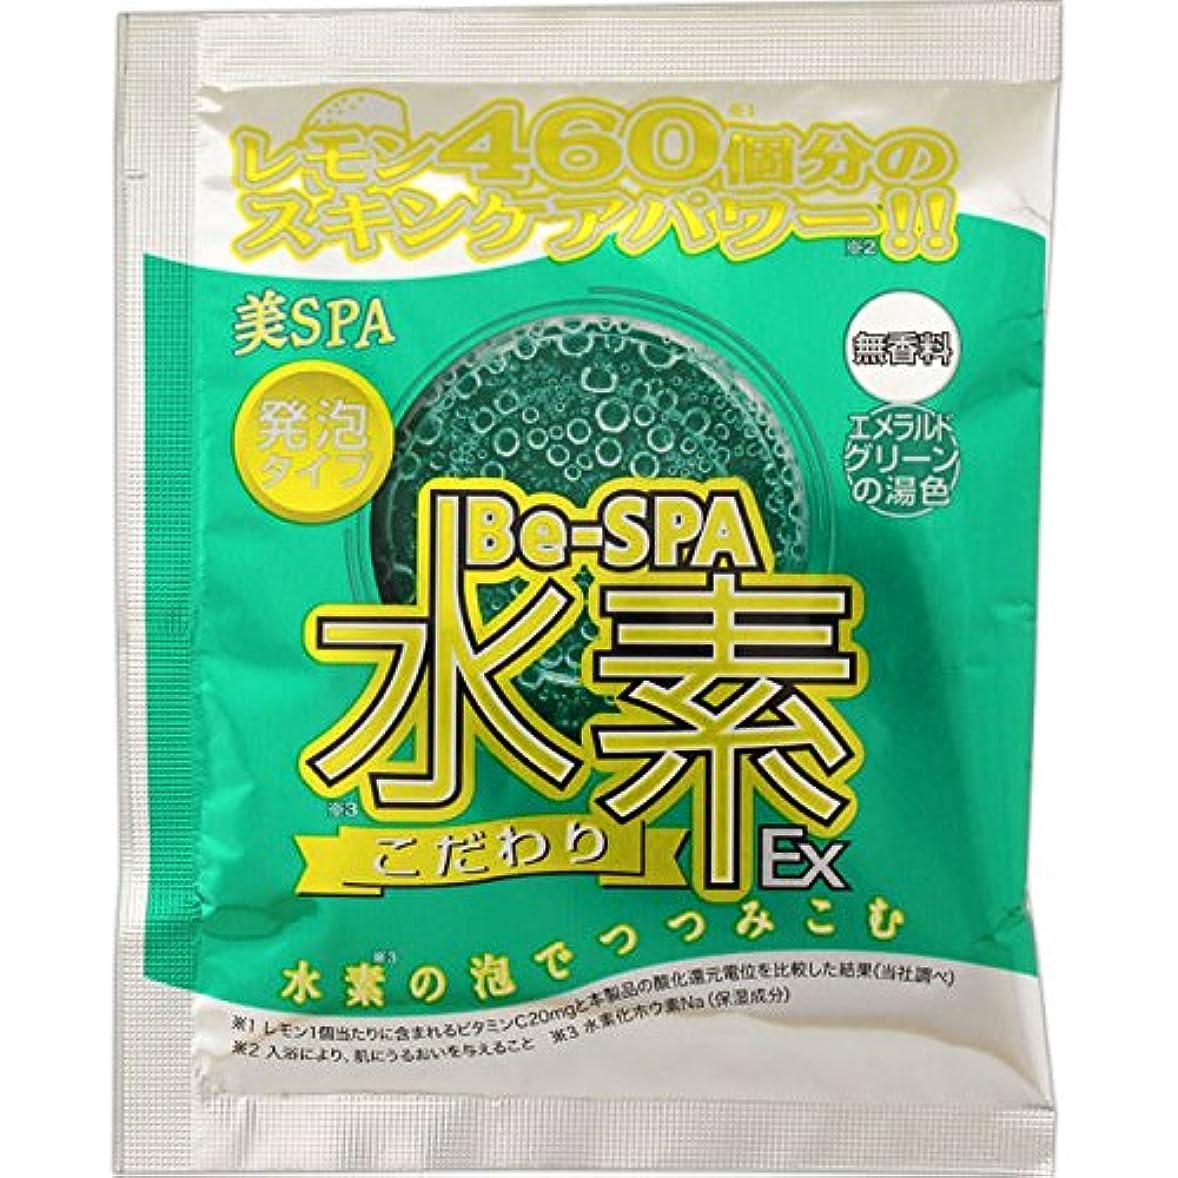 苦難どうやら政府日本生化学 美SPA水素EX エメラルドグリーンの湯色 25g